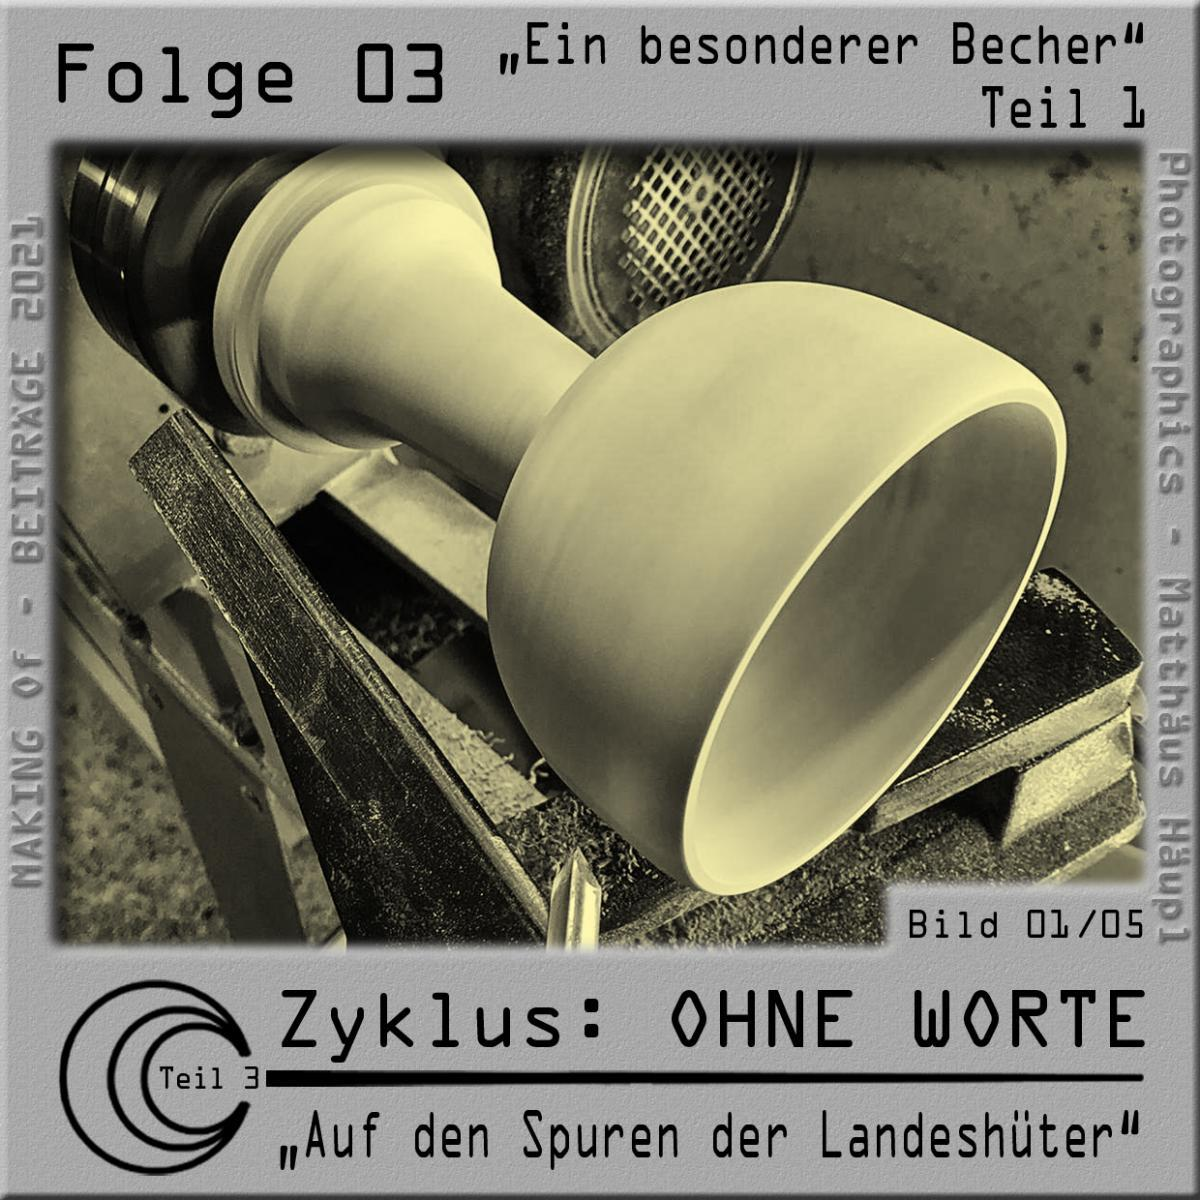 Folge-03 Ein-besonderer-Becher Teil-1-01